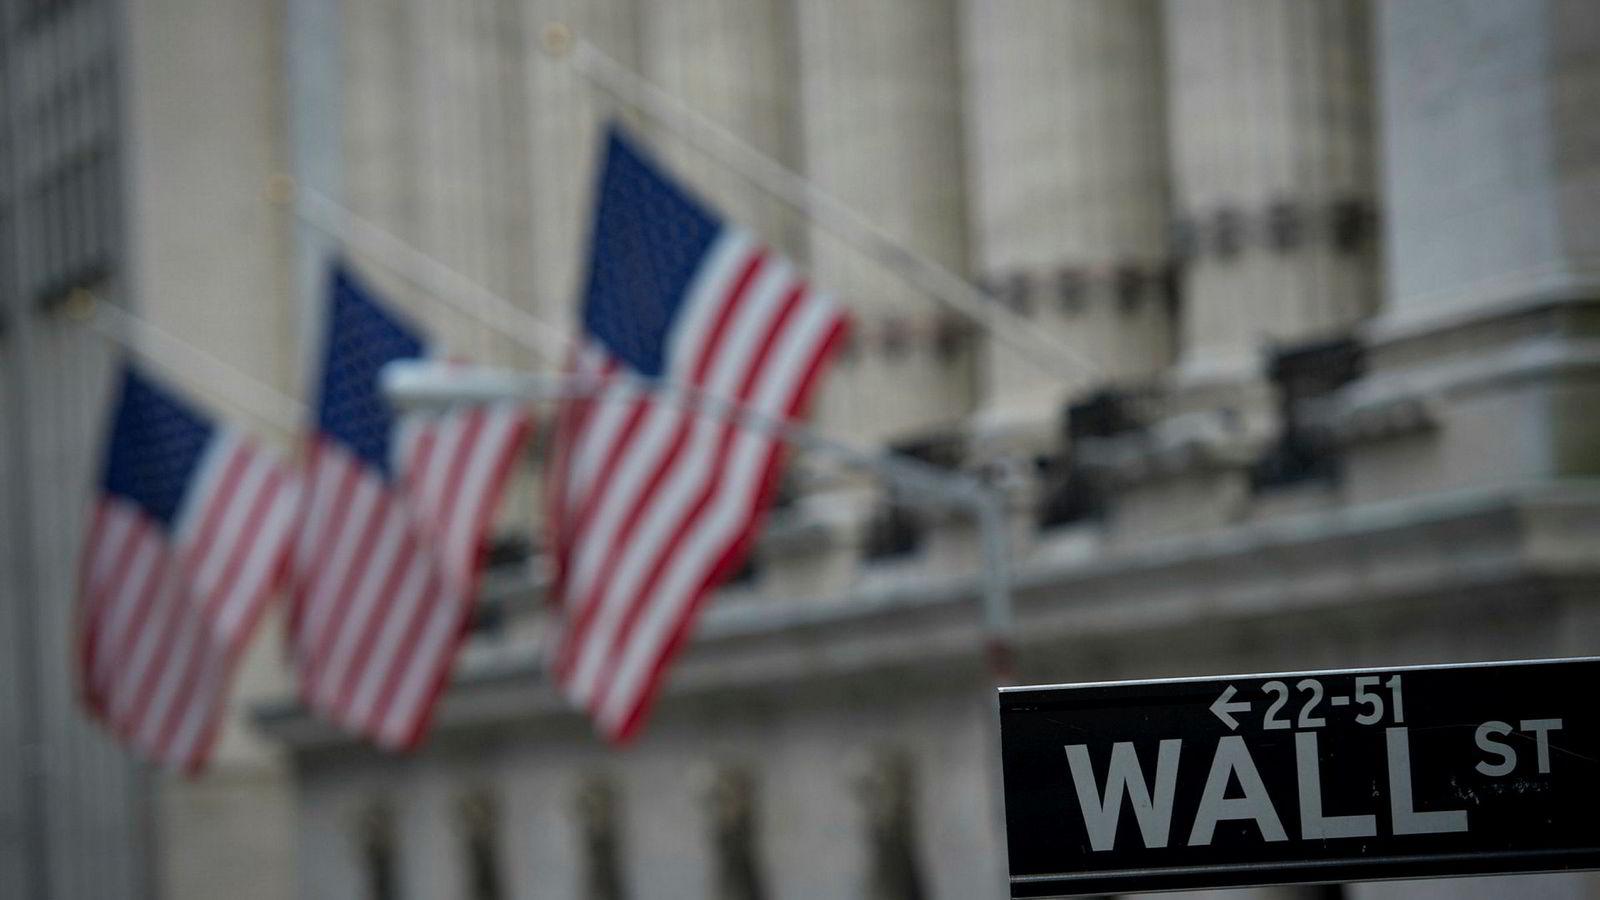 Et gateskilt nær New York Stock Exchange i New York.